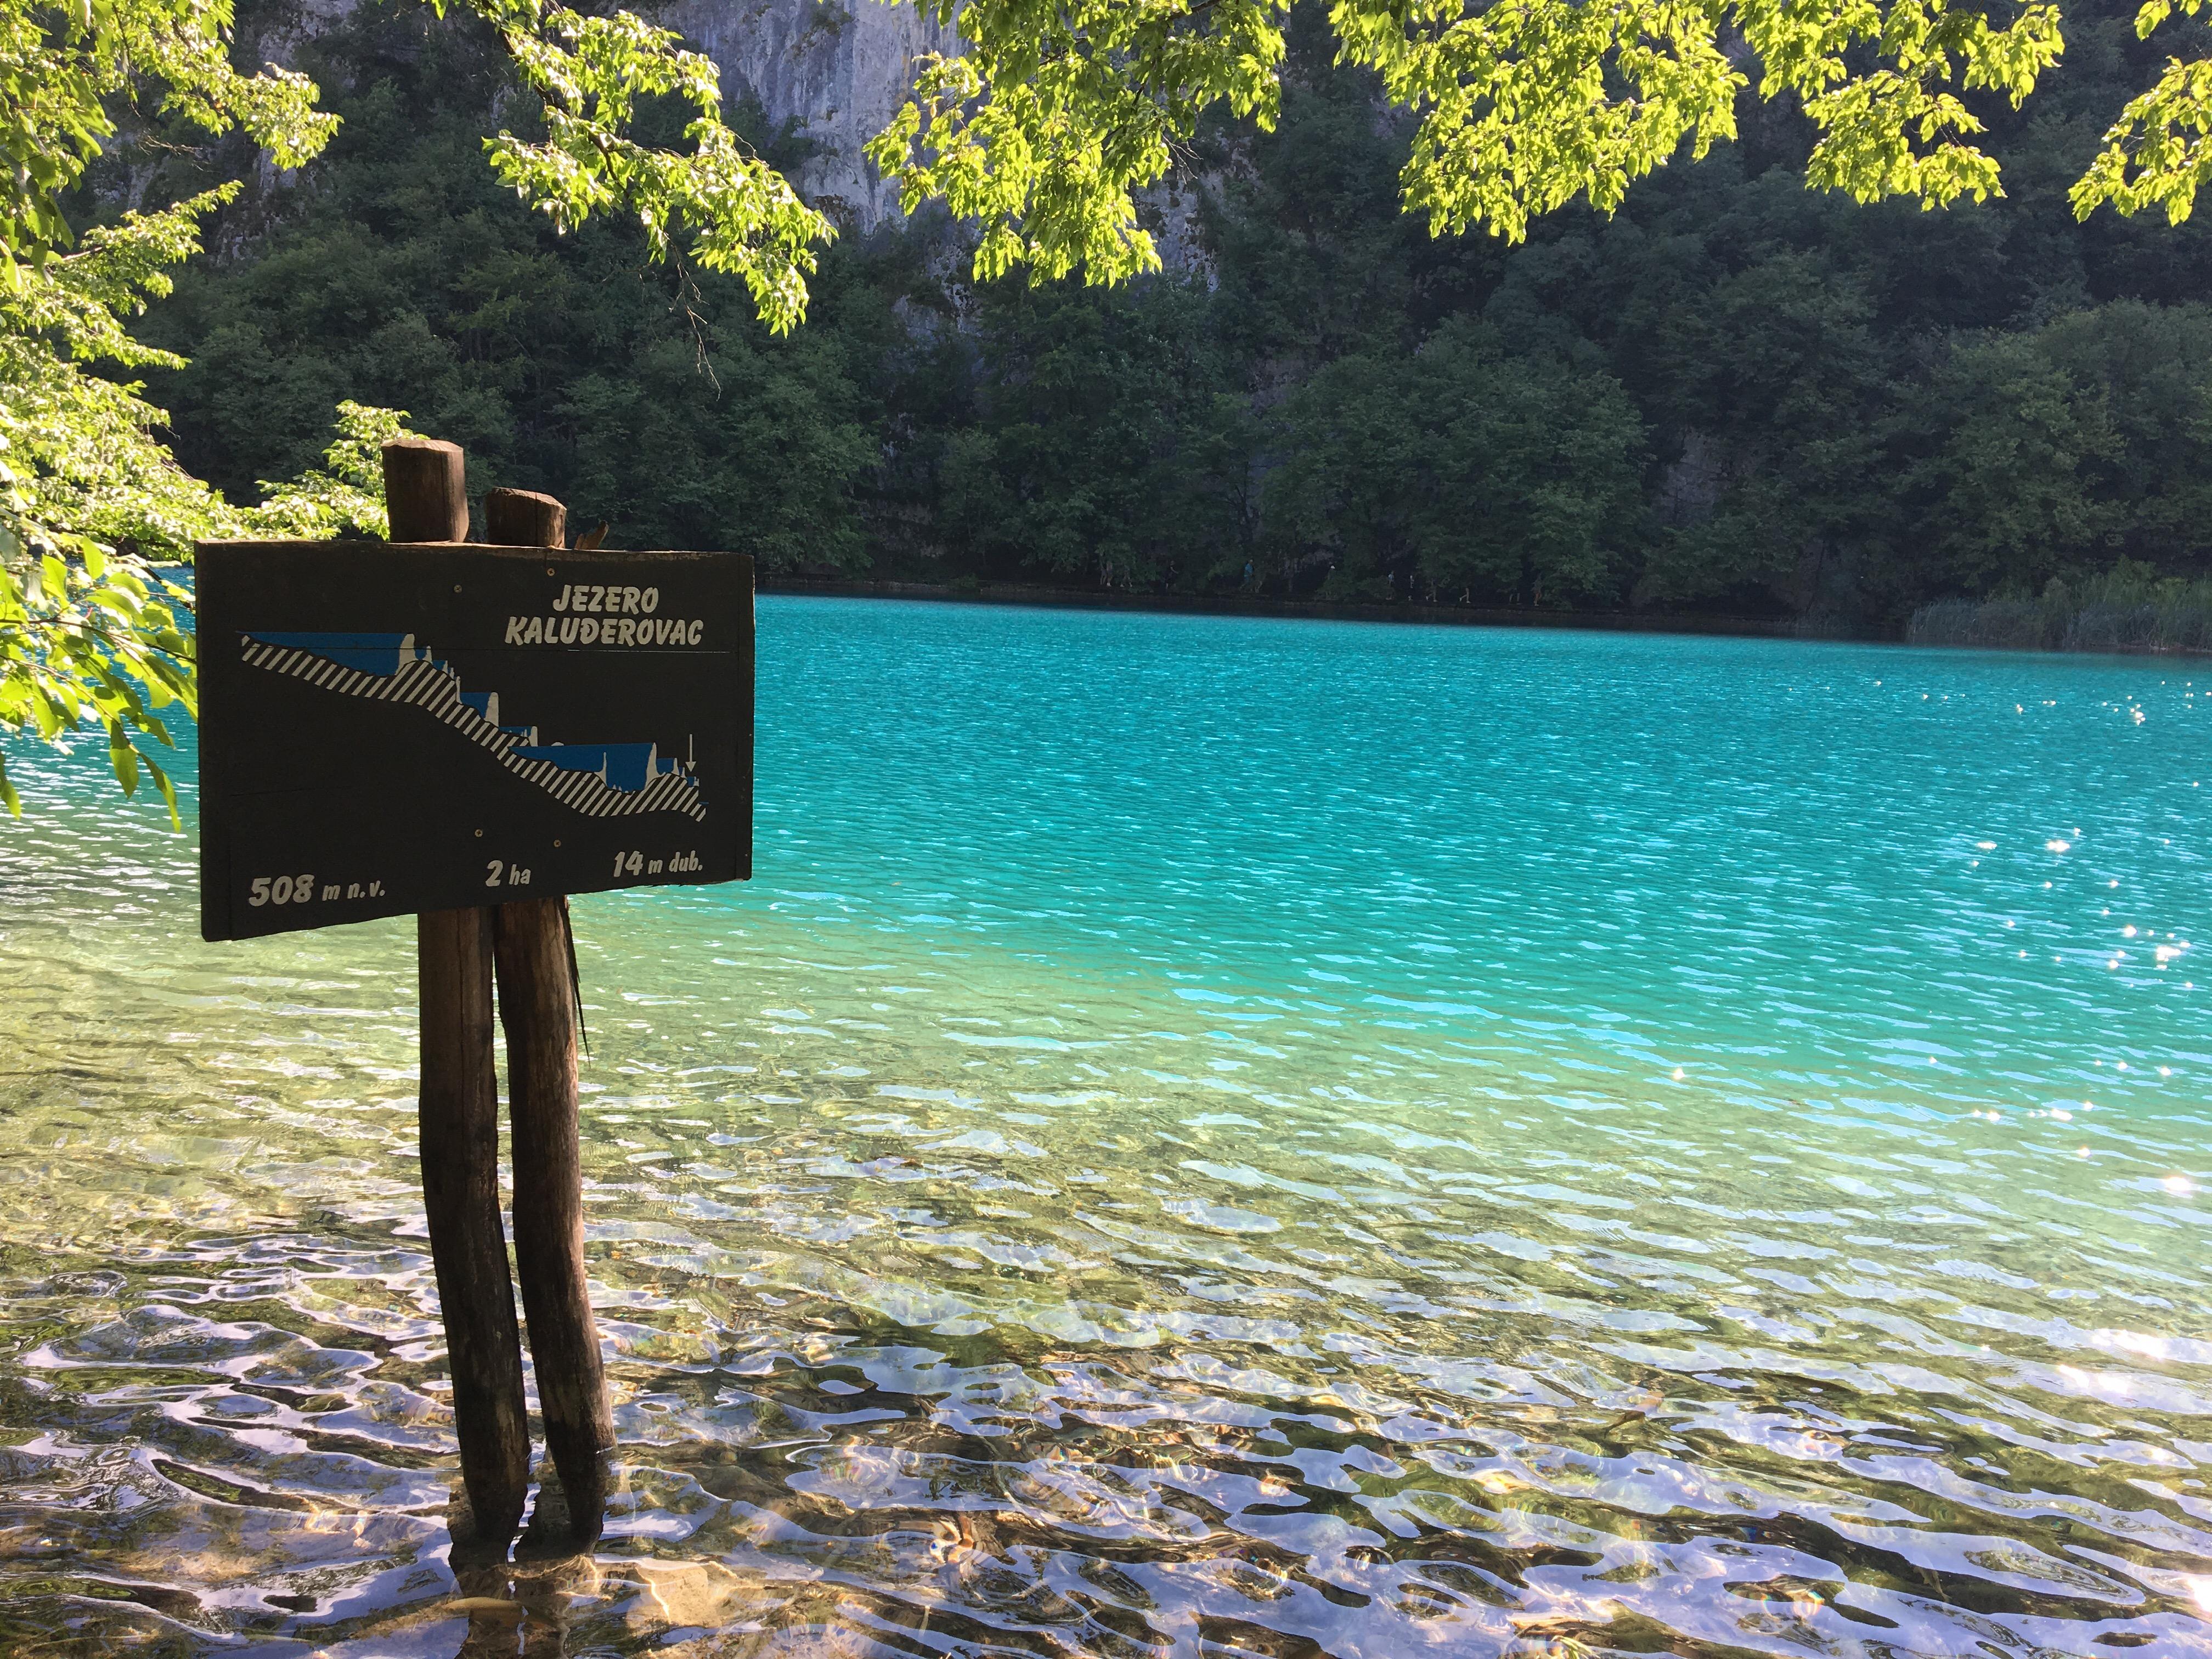 plitvice lakes national park croatia the colourful kind